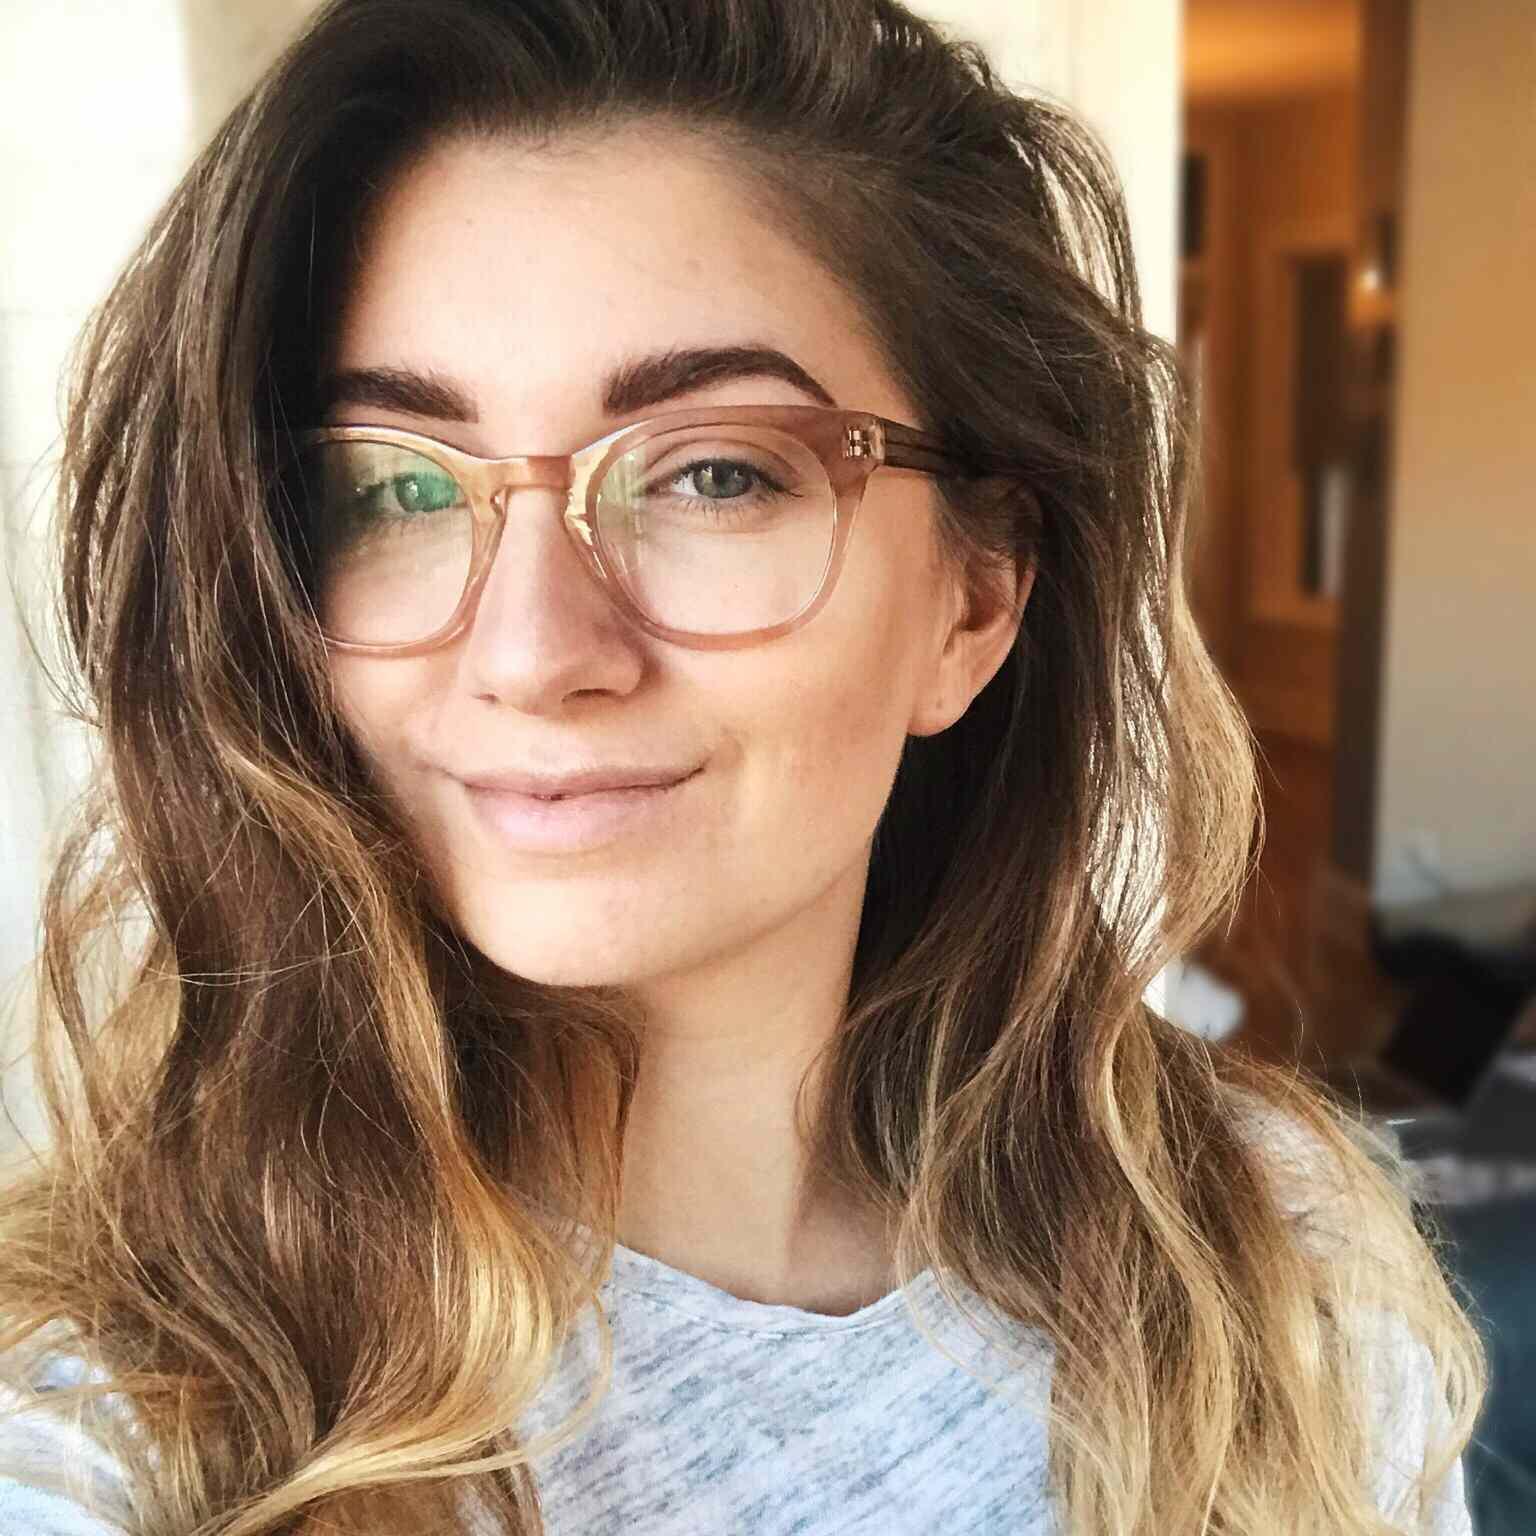 Gina Susanna